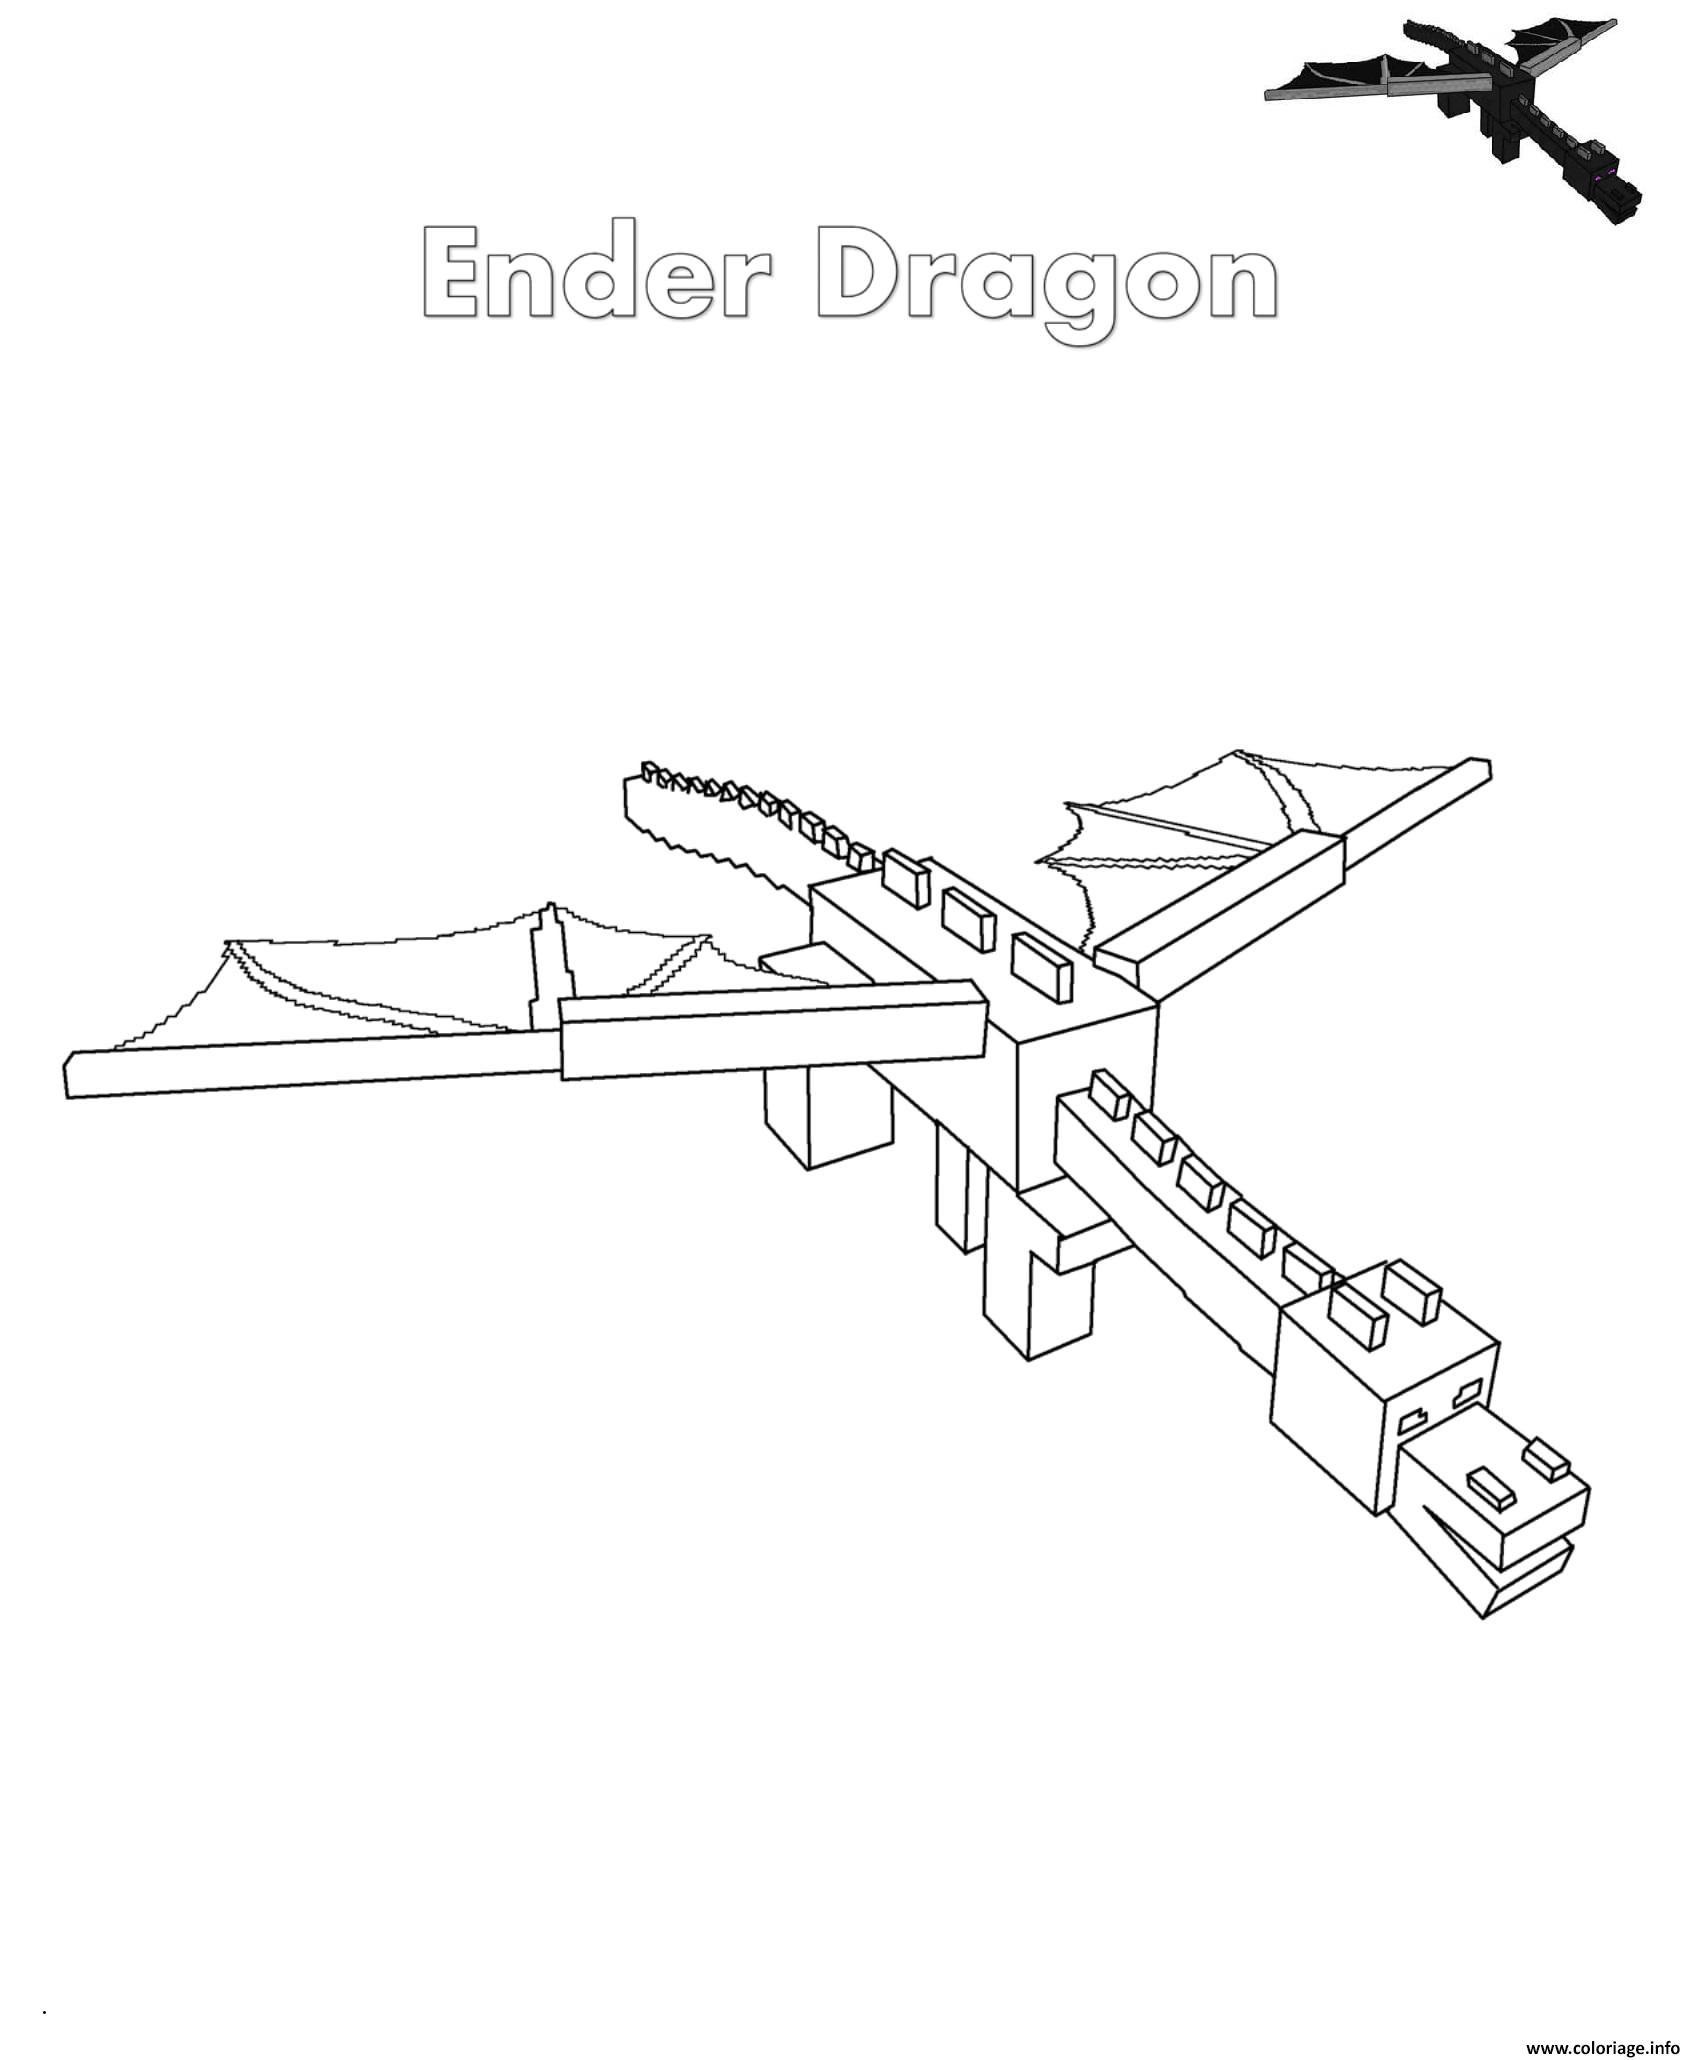 Minecraft Ausmalbilder Enderman Neu 44 Inspiration Minecraft Ausmalbilder Enderdragon Treehouse Nyc Bilder